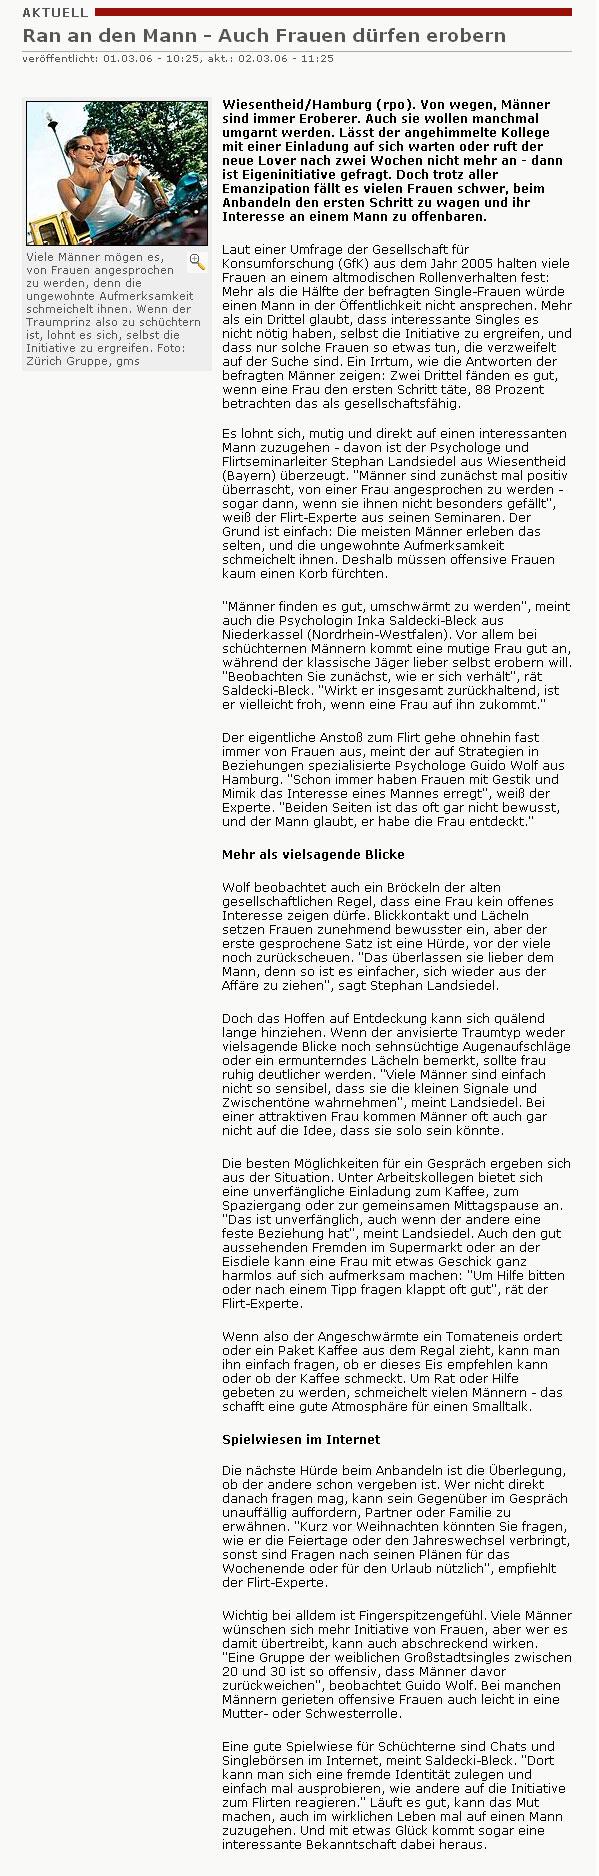 Rhein-Post: Ran an den Mann